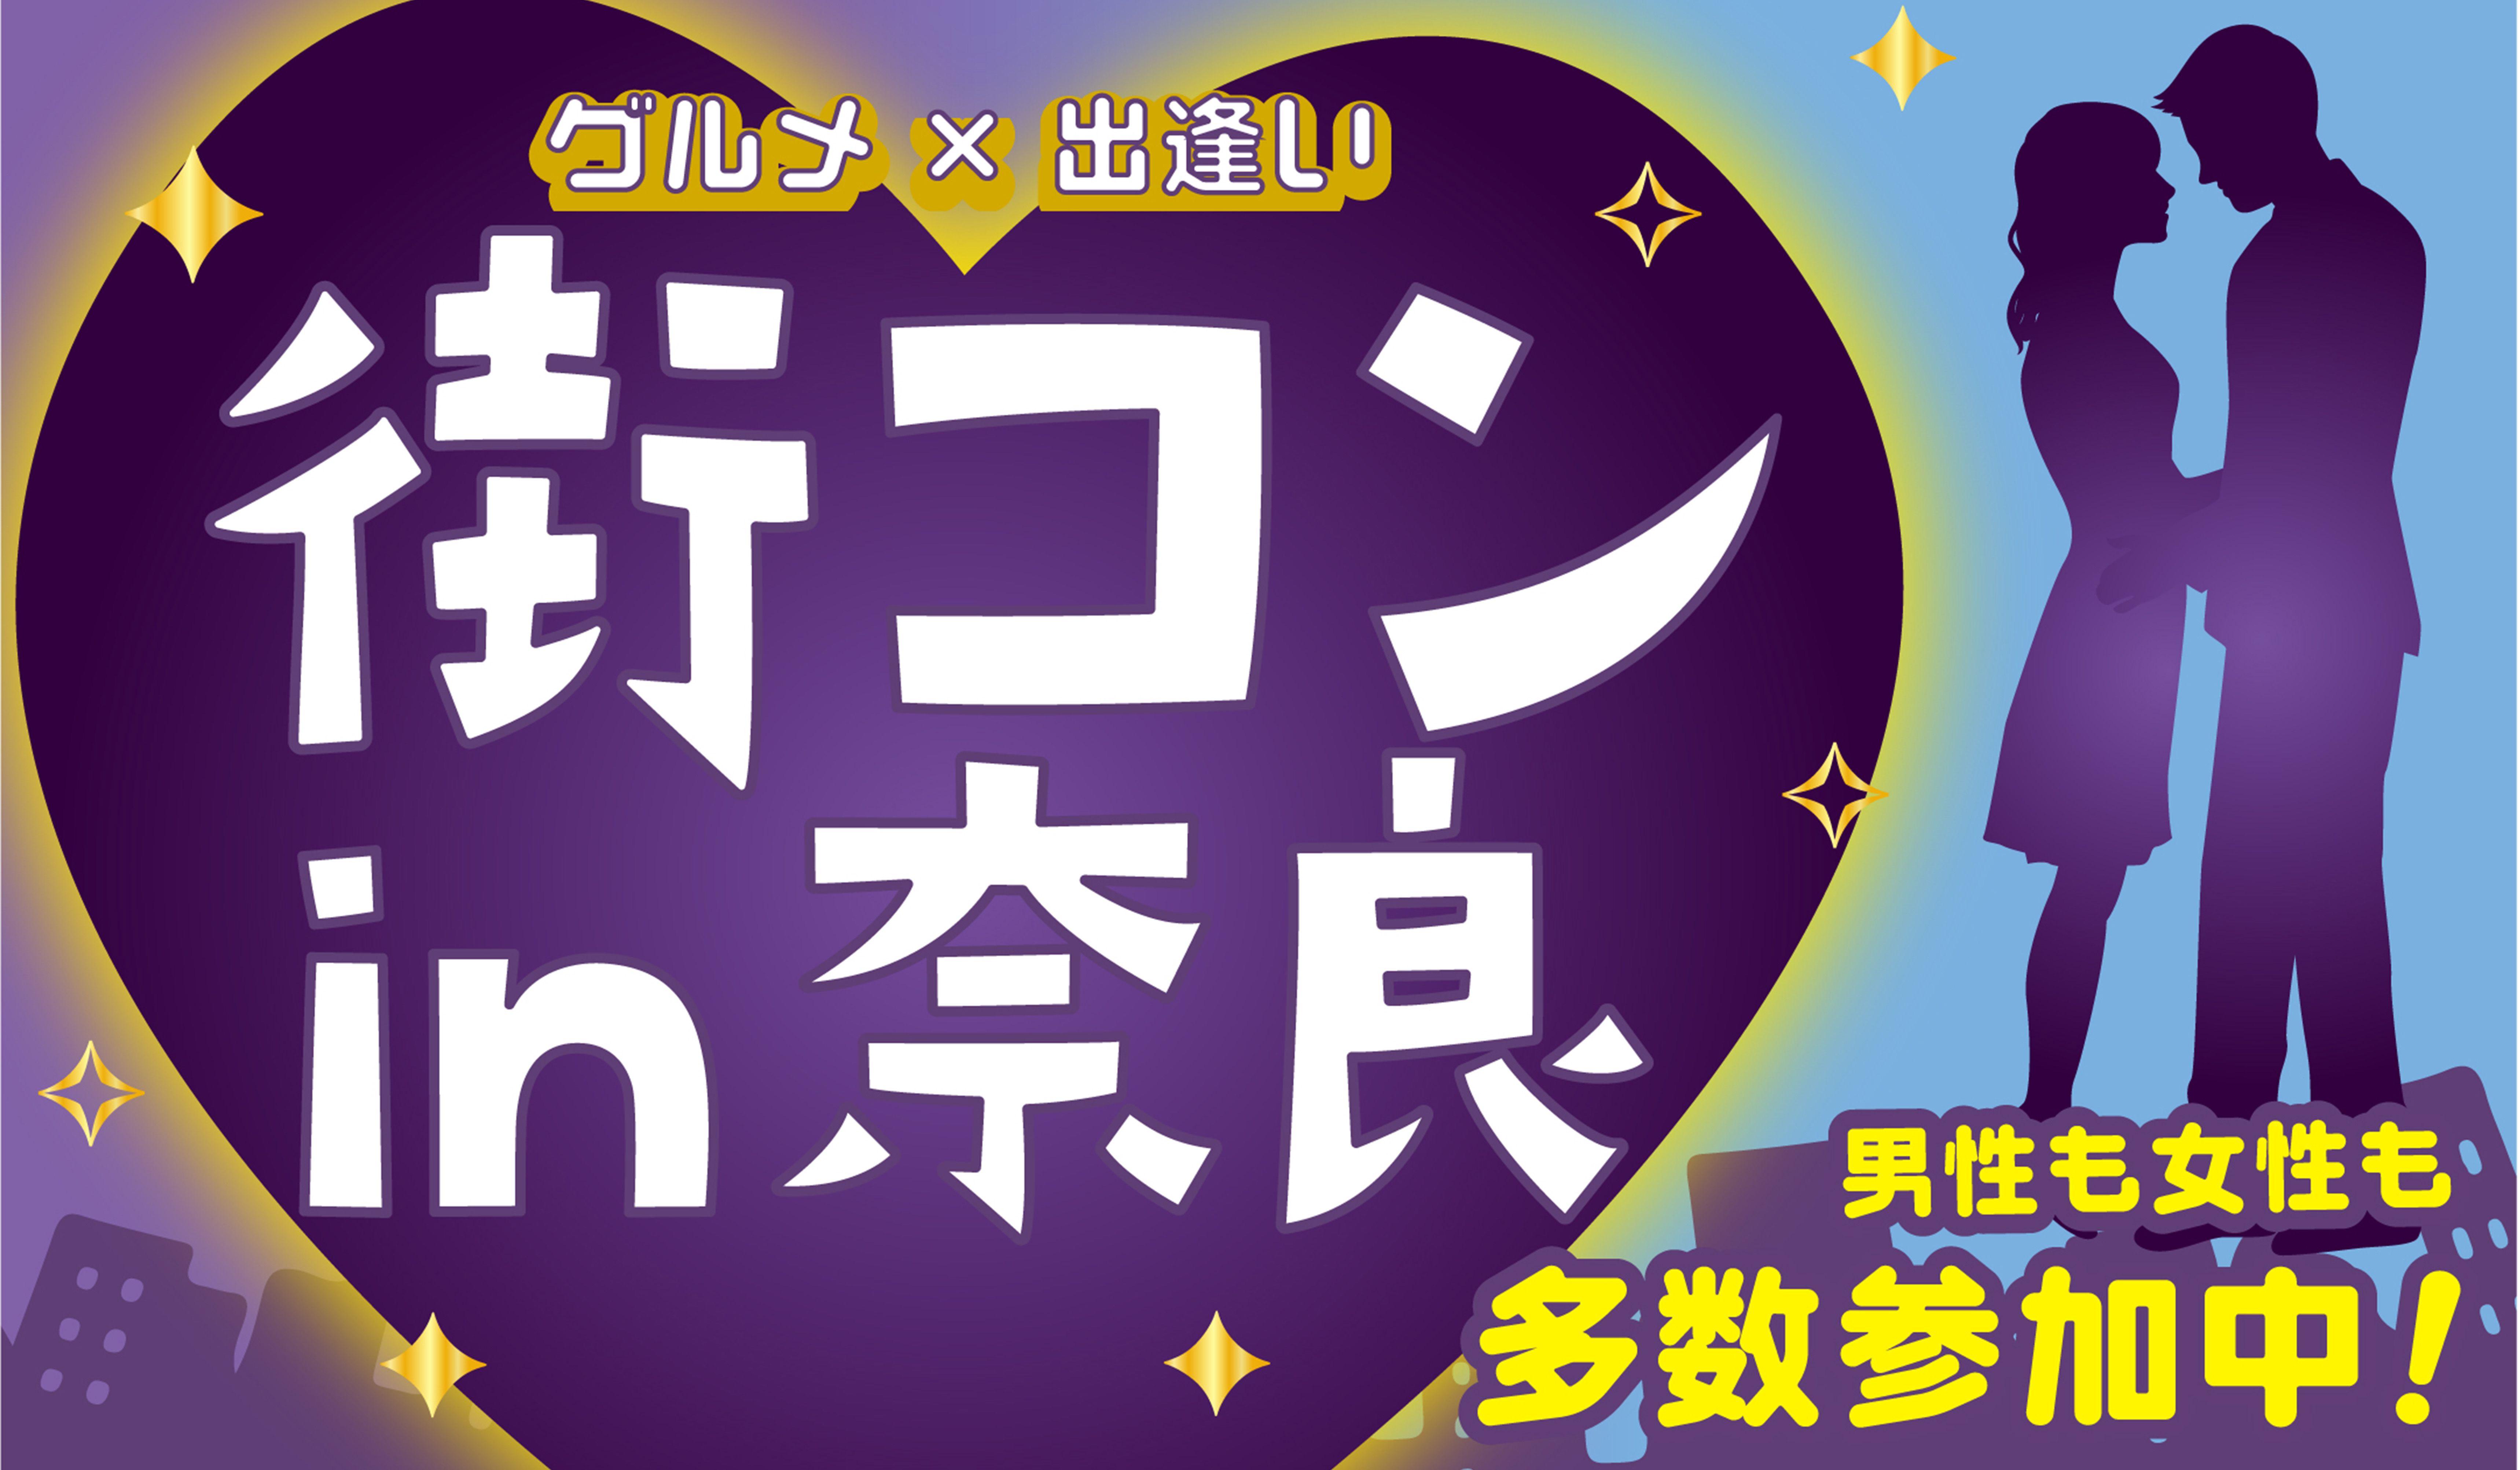 【奈良県その他の街コン】株式会社SSB主催 2015年9月20日